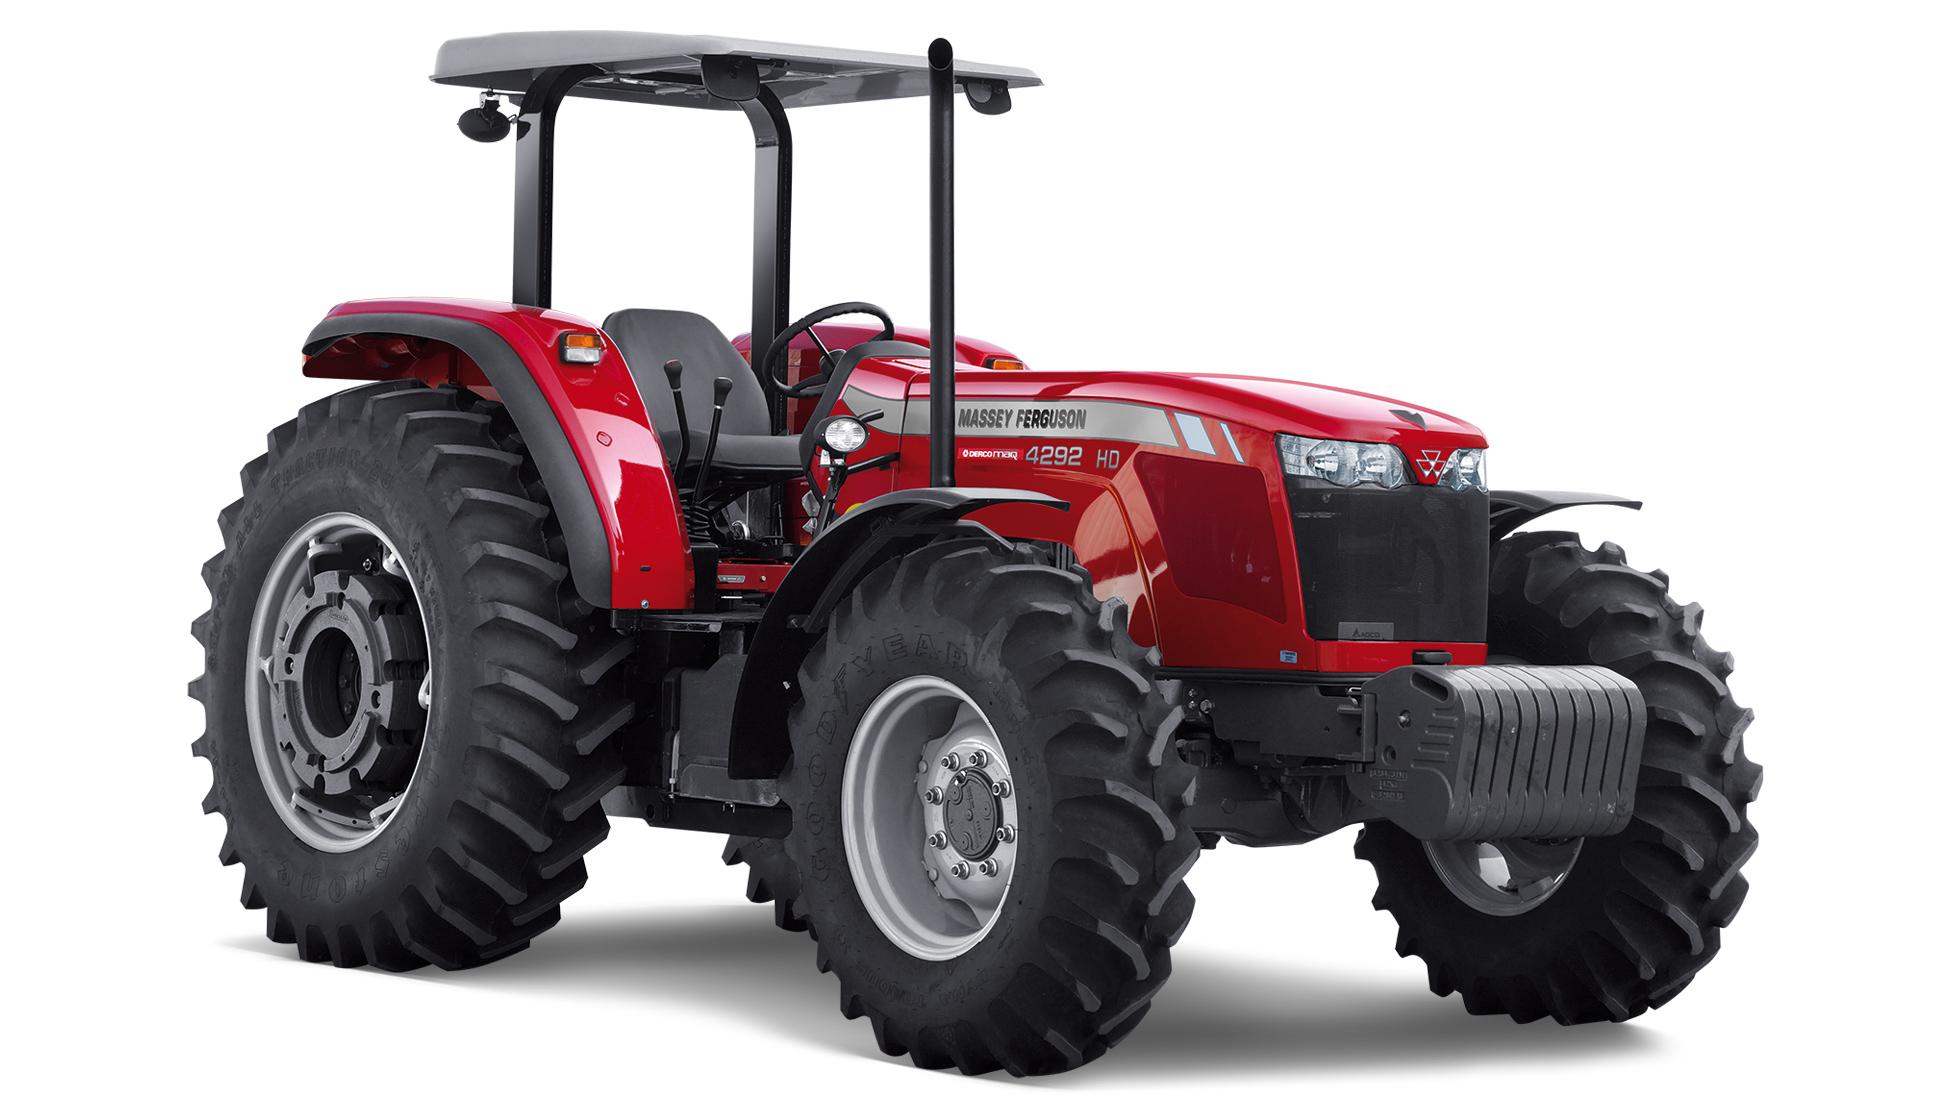 Dercomaq agrícola estará presente en la IX Expo Paine Rural 2018